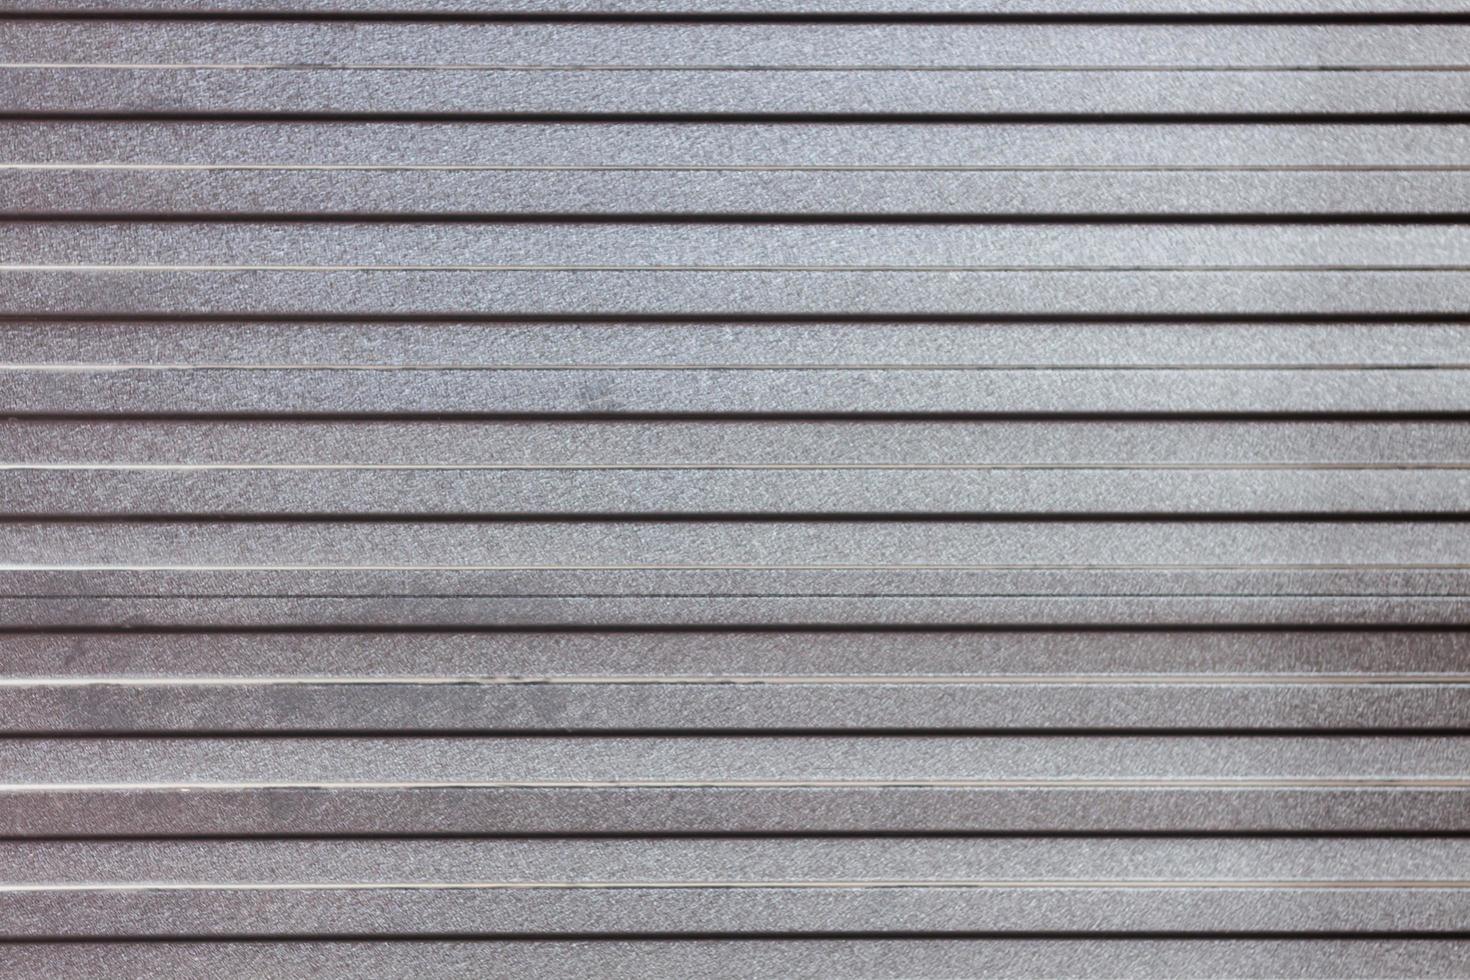 zwart metalen textuur foto